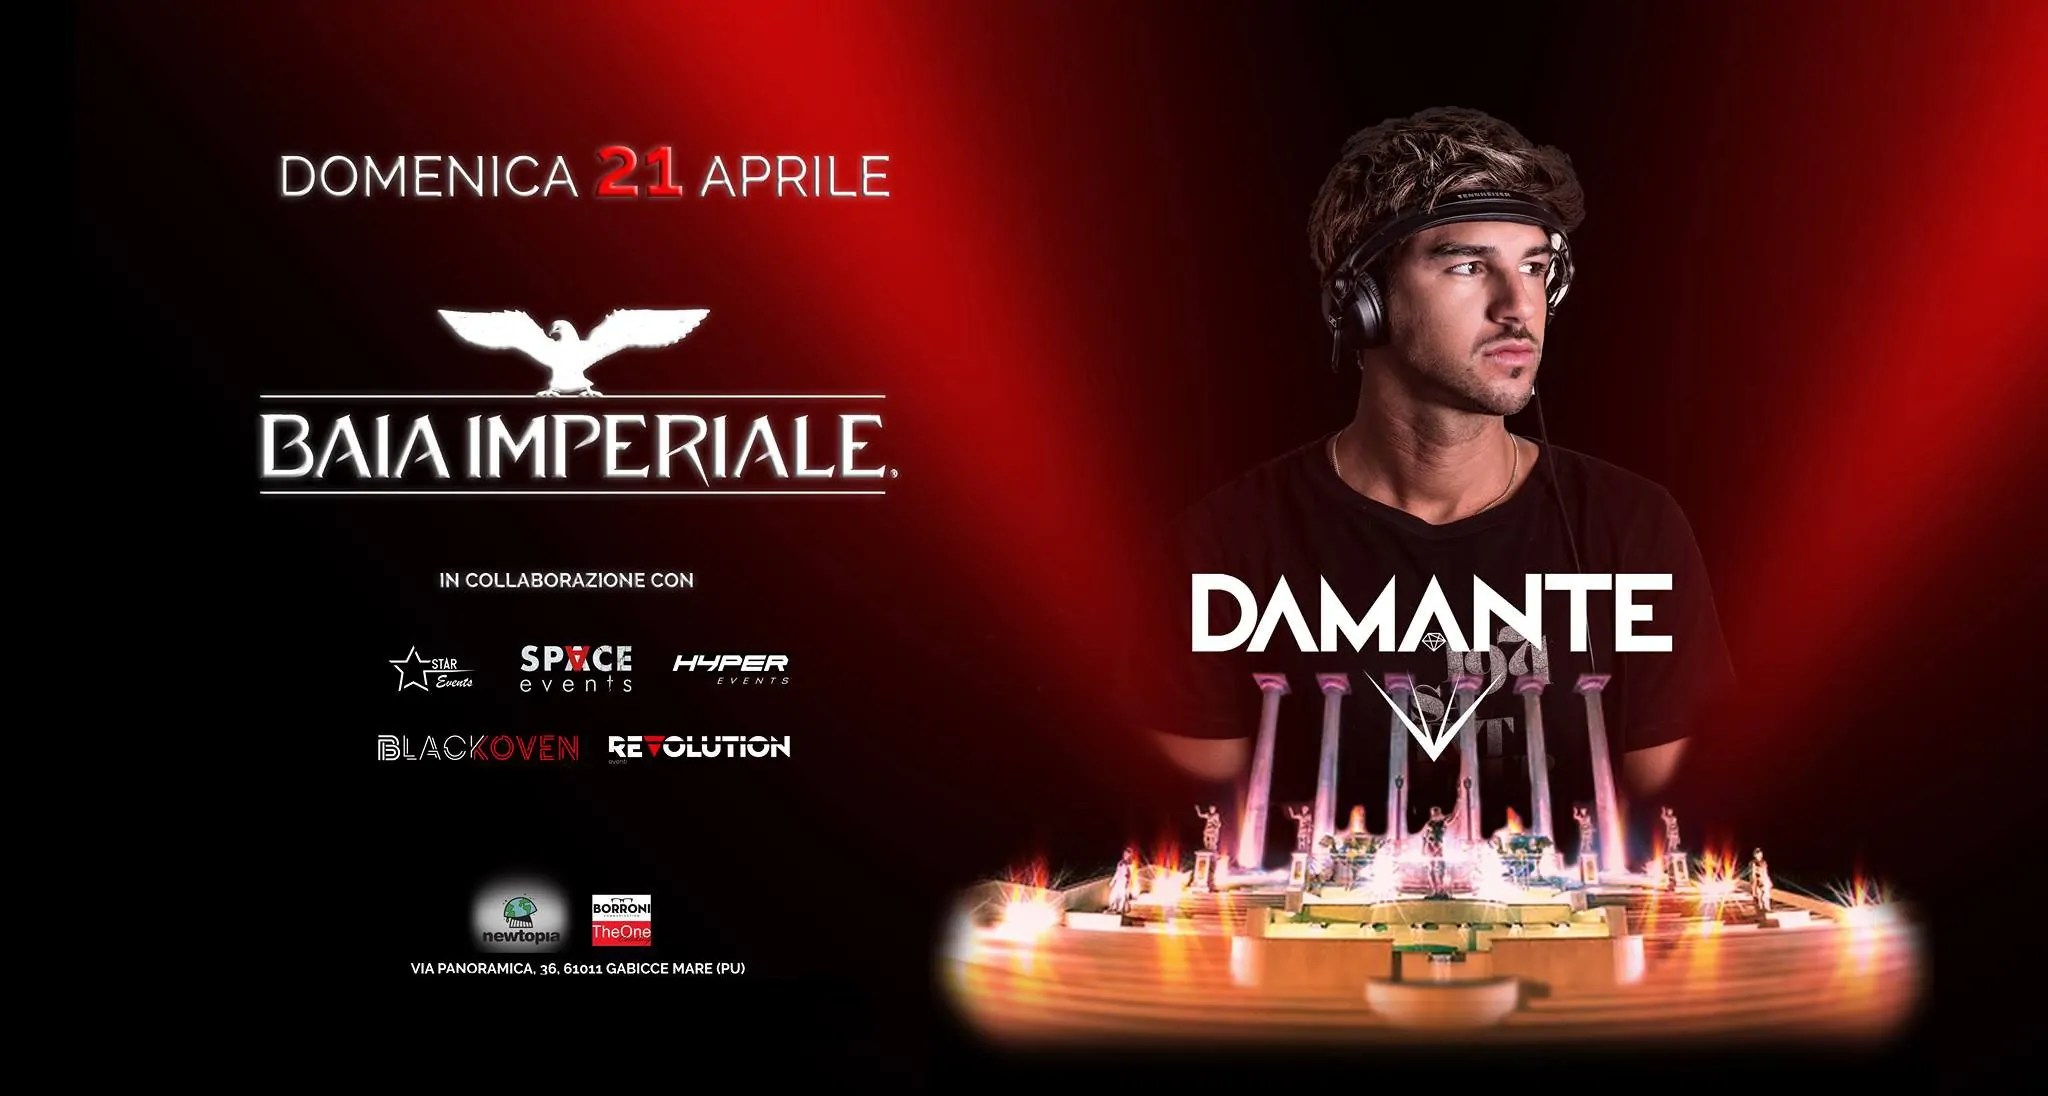 PASQUA 2019 alla BAIA IMPERIALE – ANDREA DAMANTE – 21 Aprile 2019   Ticket Tavoli Pacchetti hotel Prevendite